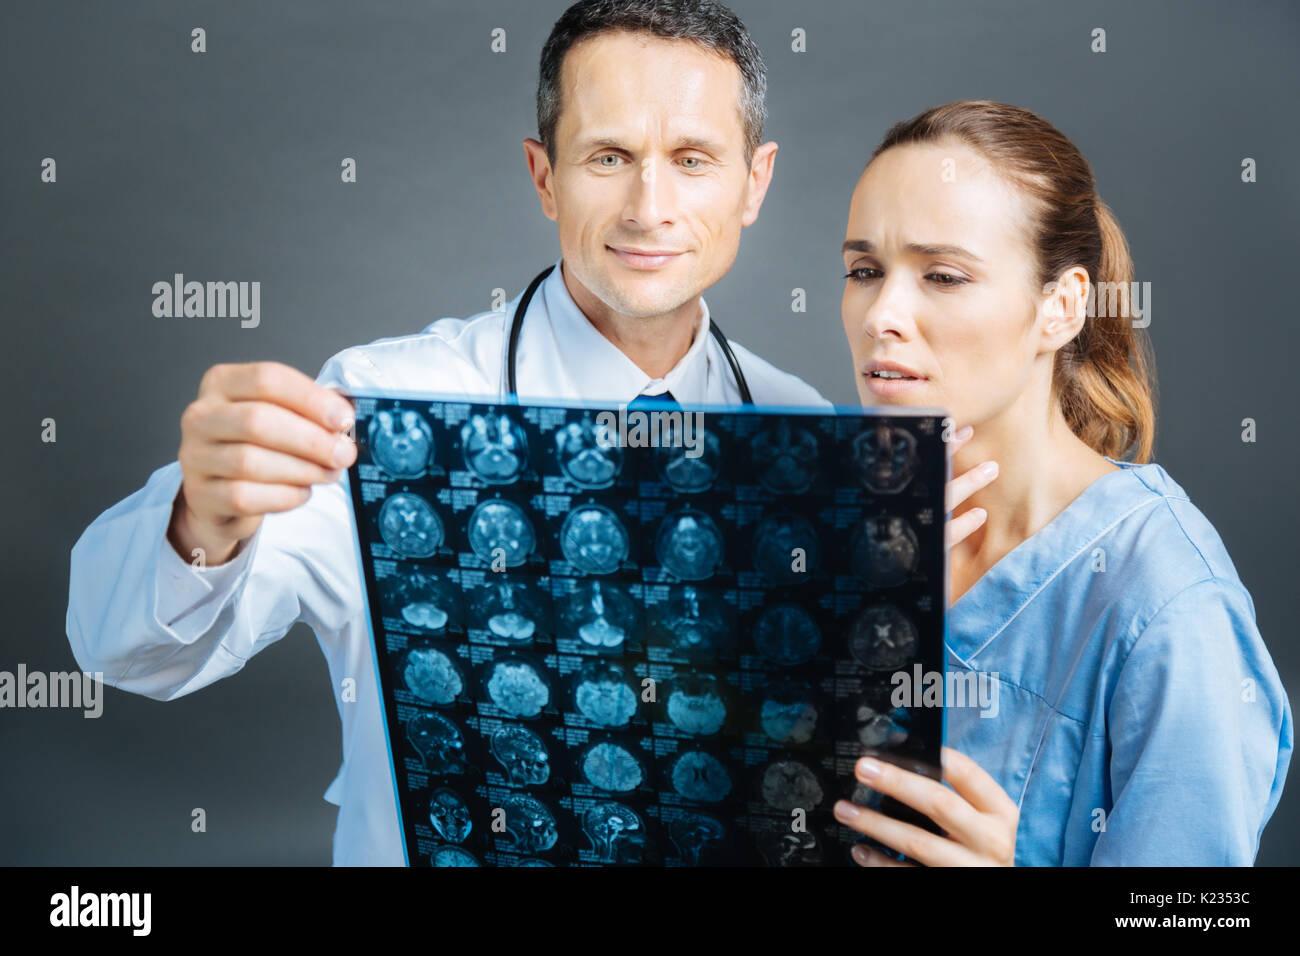 I professionisti del settore medico counseling sulla diagnosi del paziente insieme Immagini Stock